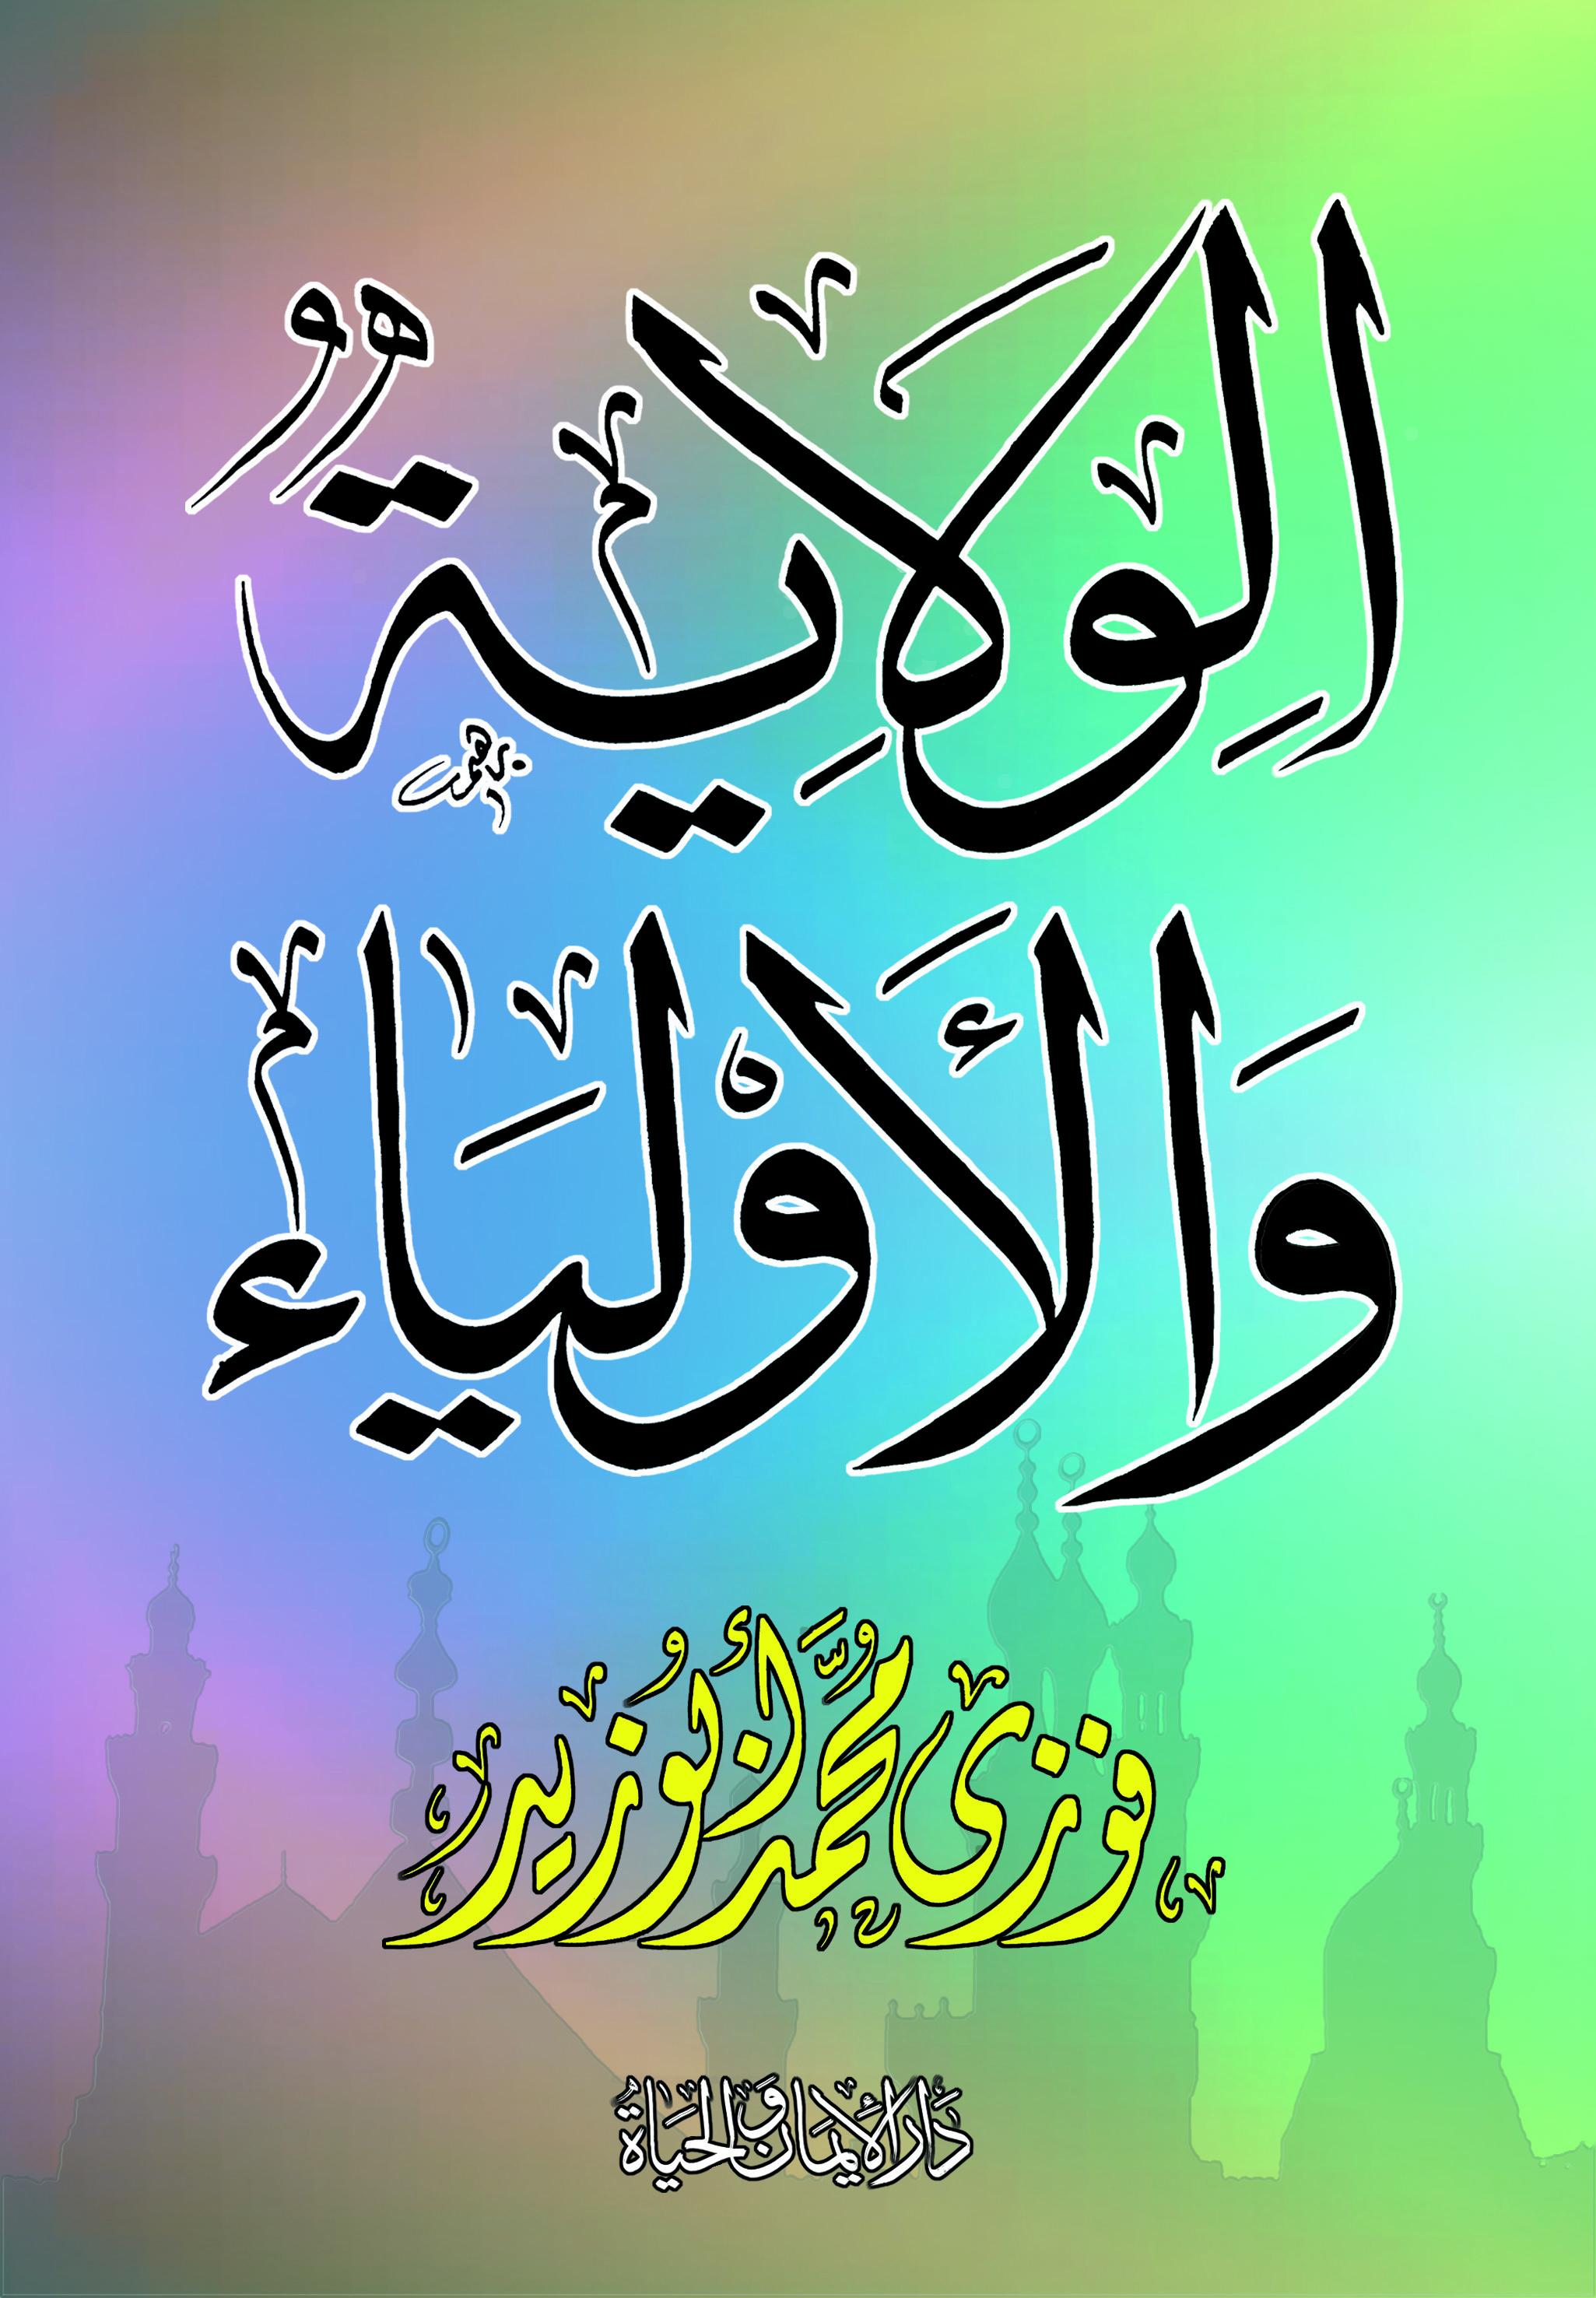 روابط تحميل كتب فضيلة الشيخ فوزي محمد أبوزيد  Book_alwelaya_wal_alawleaa